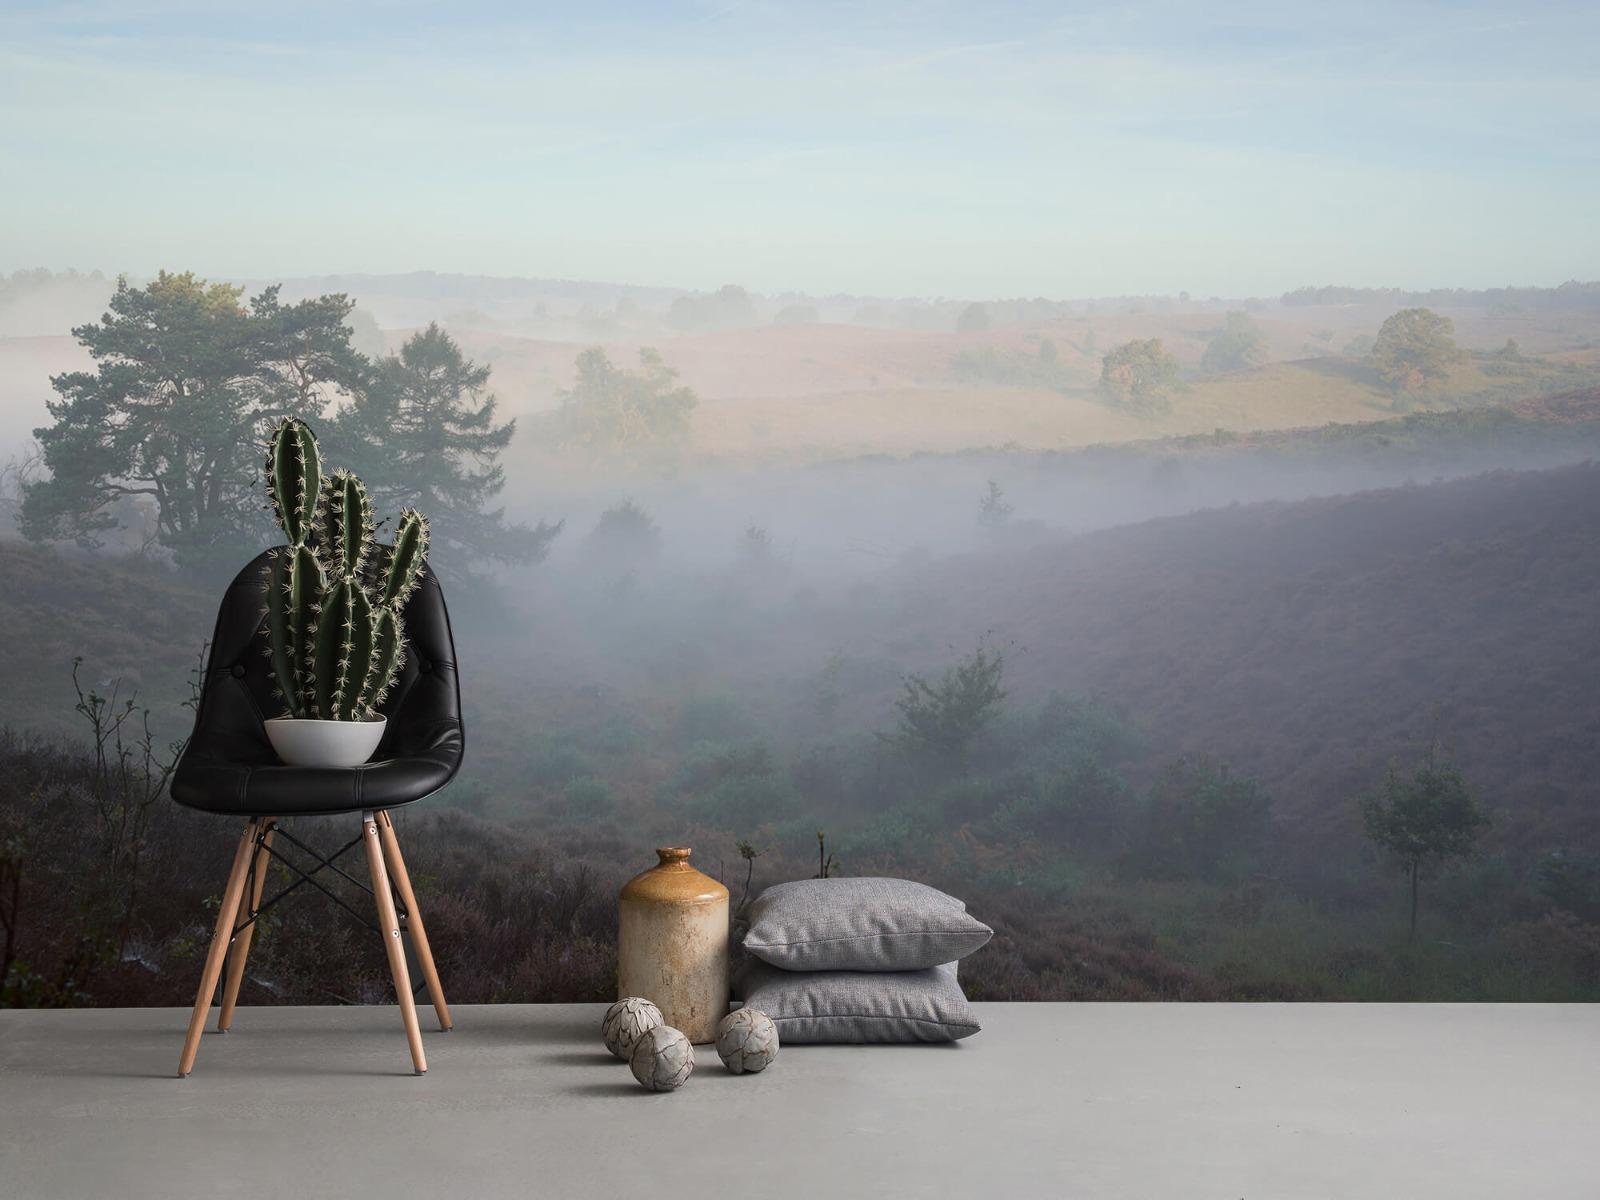 Landschap - Mist op de hei - Slaapkamer 13